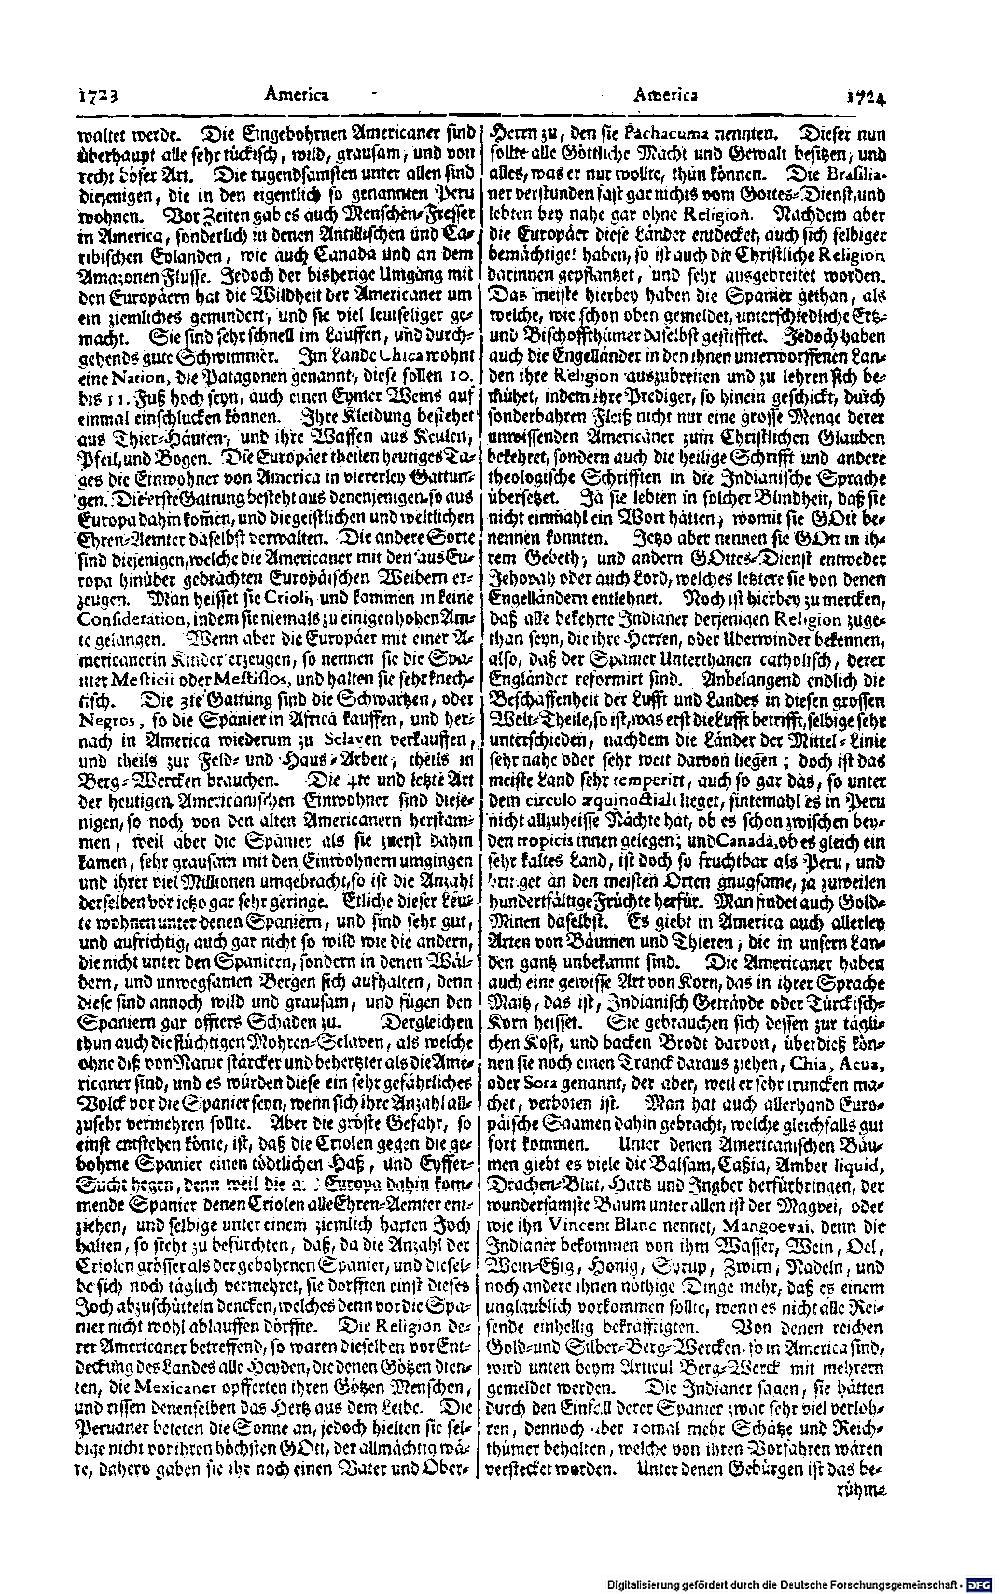 Bd. 1, Seite 0851.